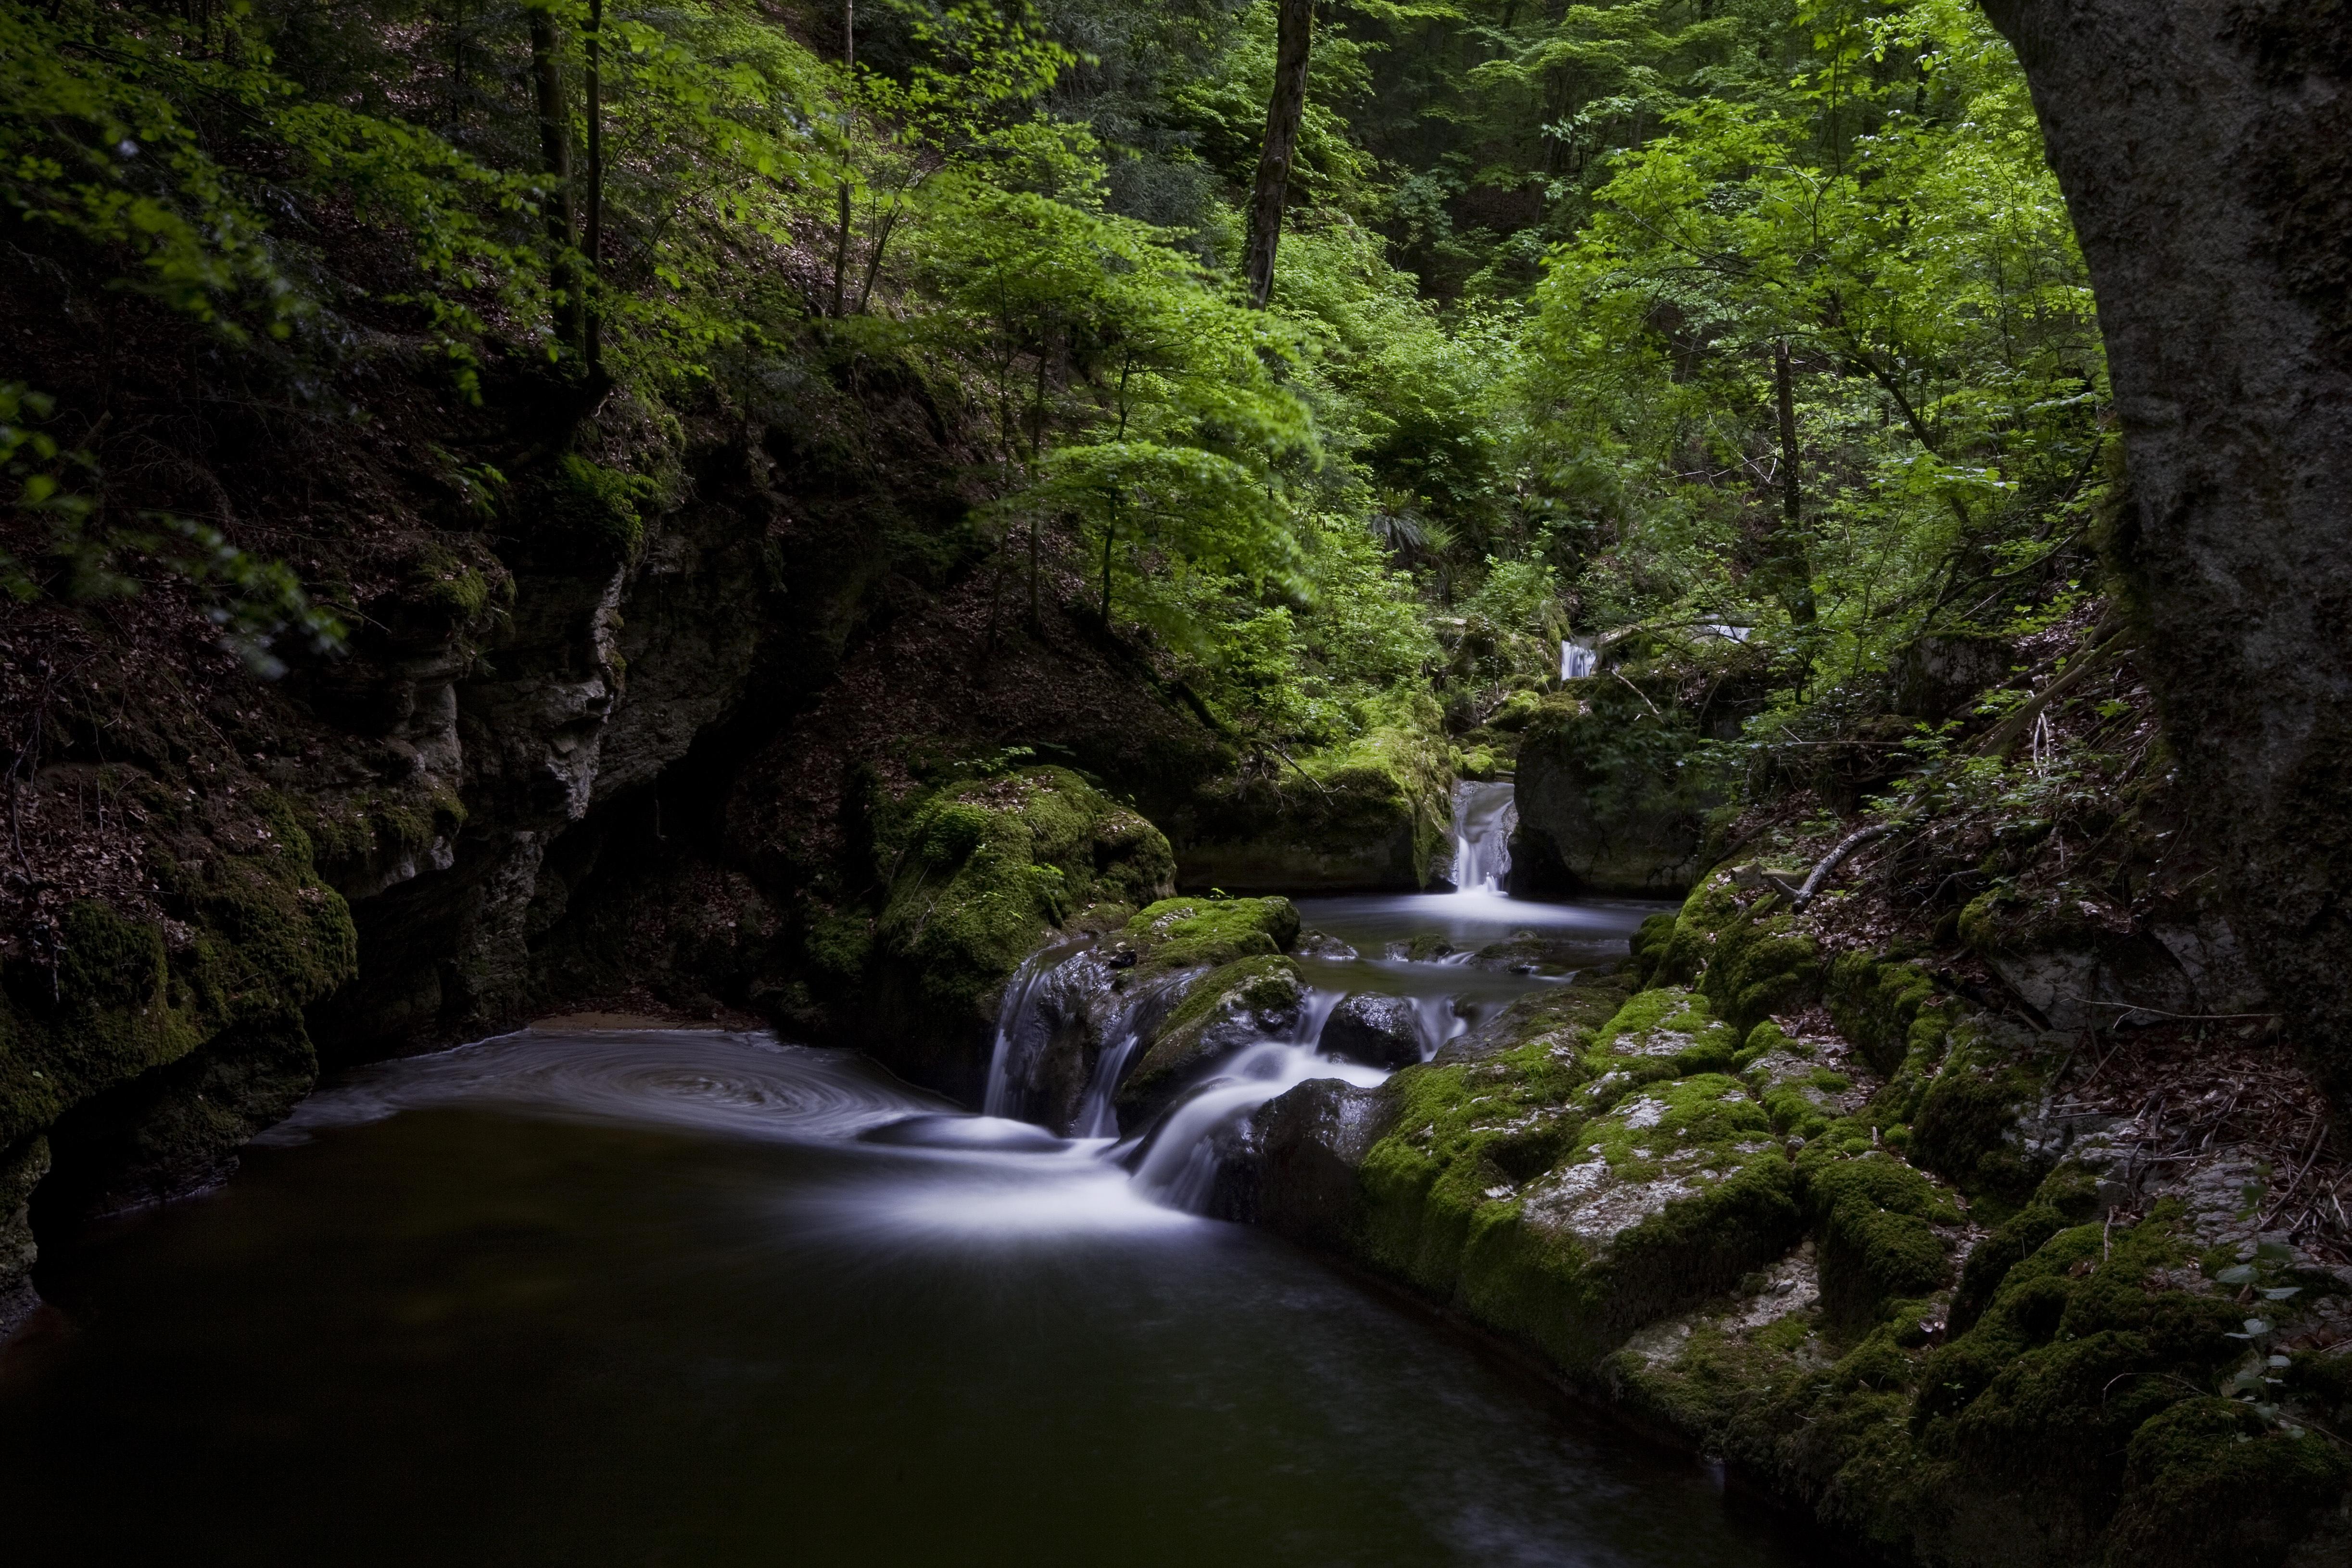 Ein Bach inmitten von Gesteinen, Sträuchern und Bäumen.